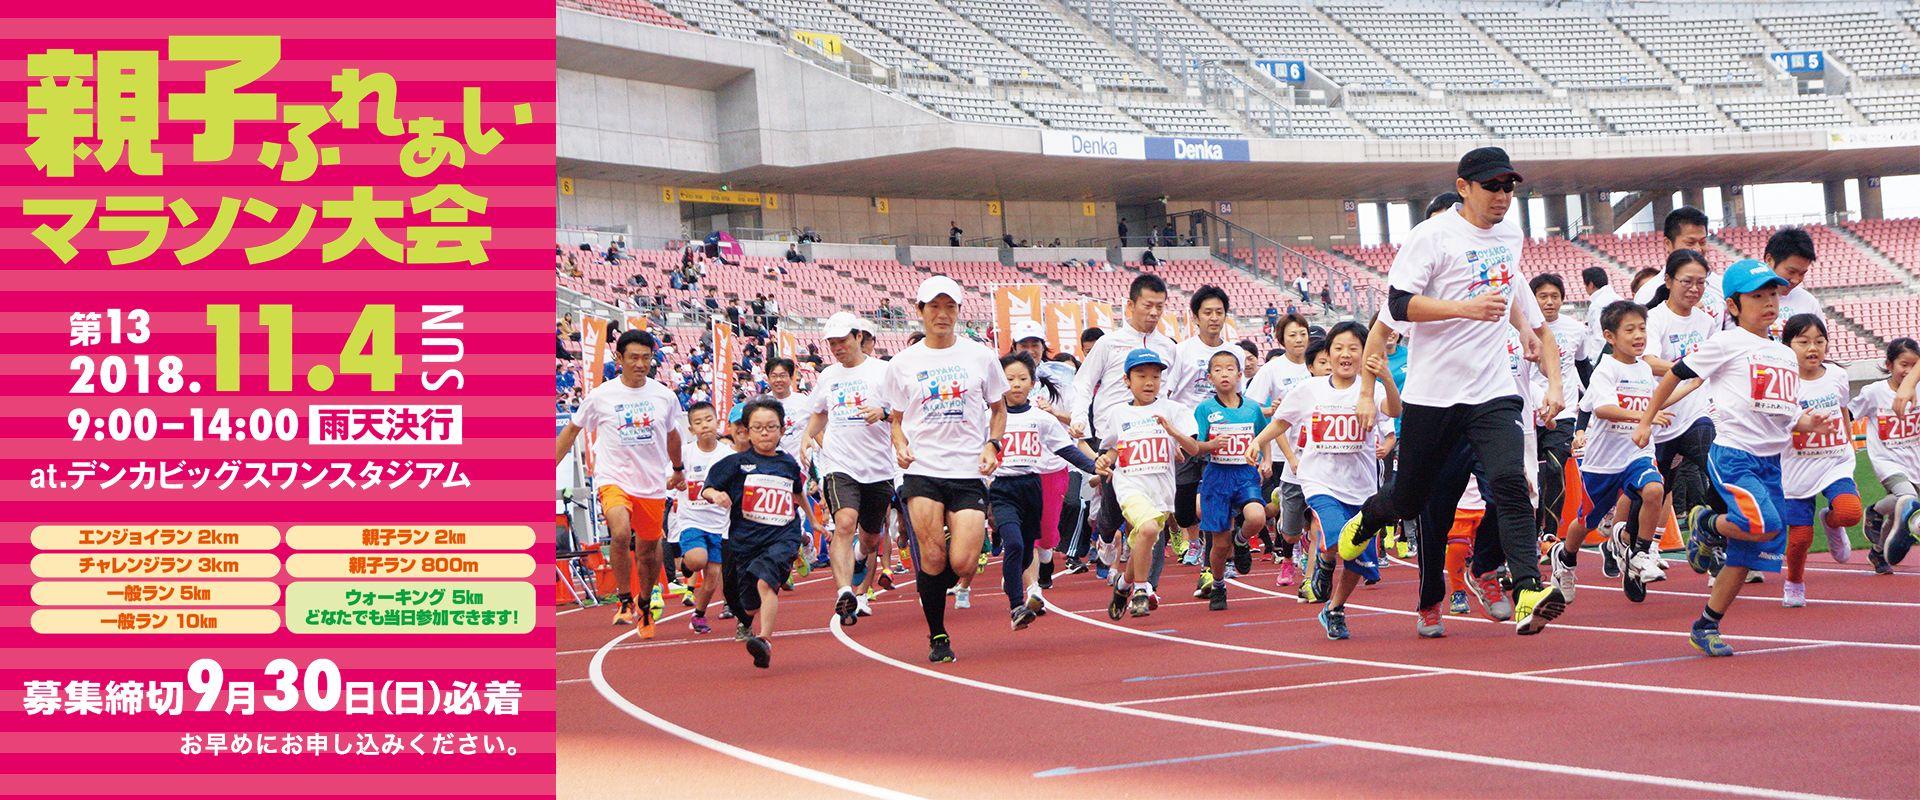 親子ふれあいマラソン大会